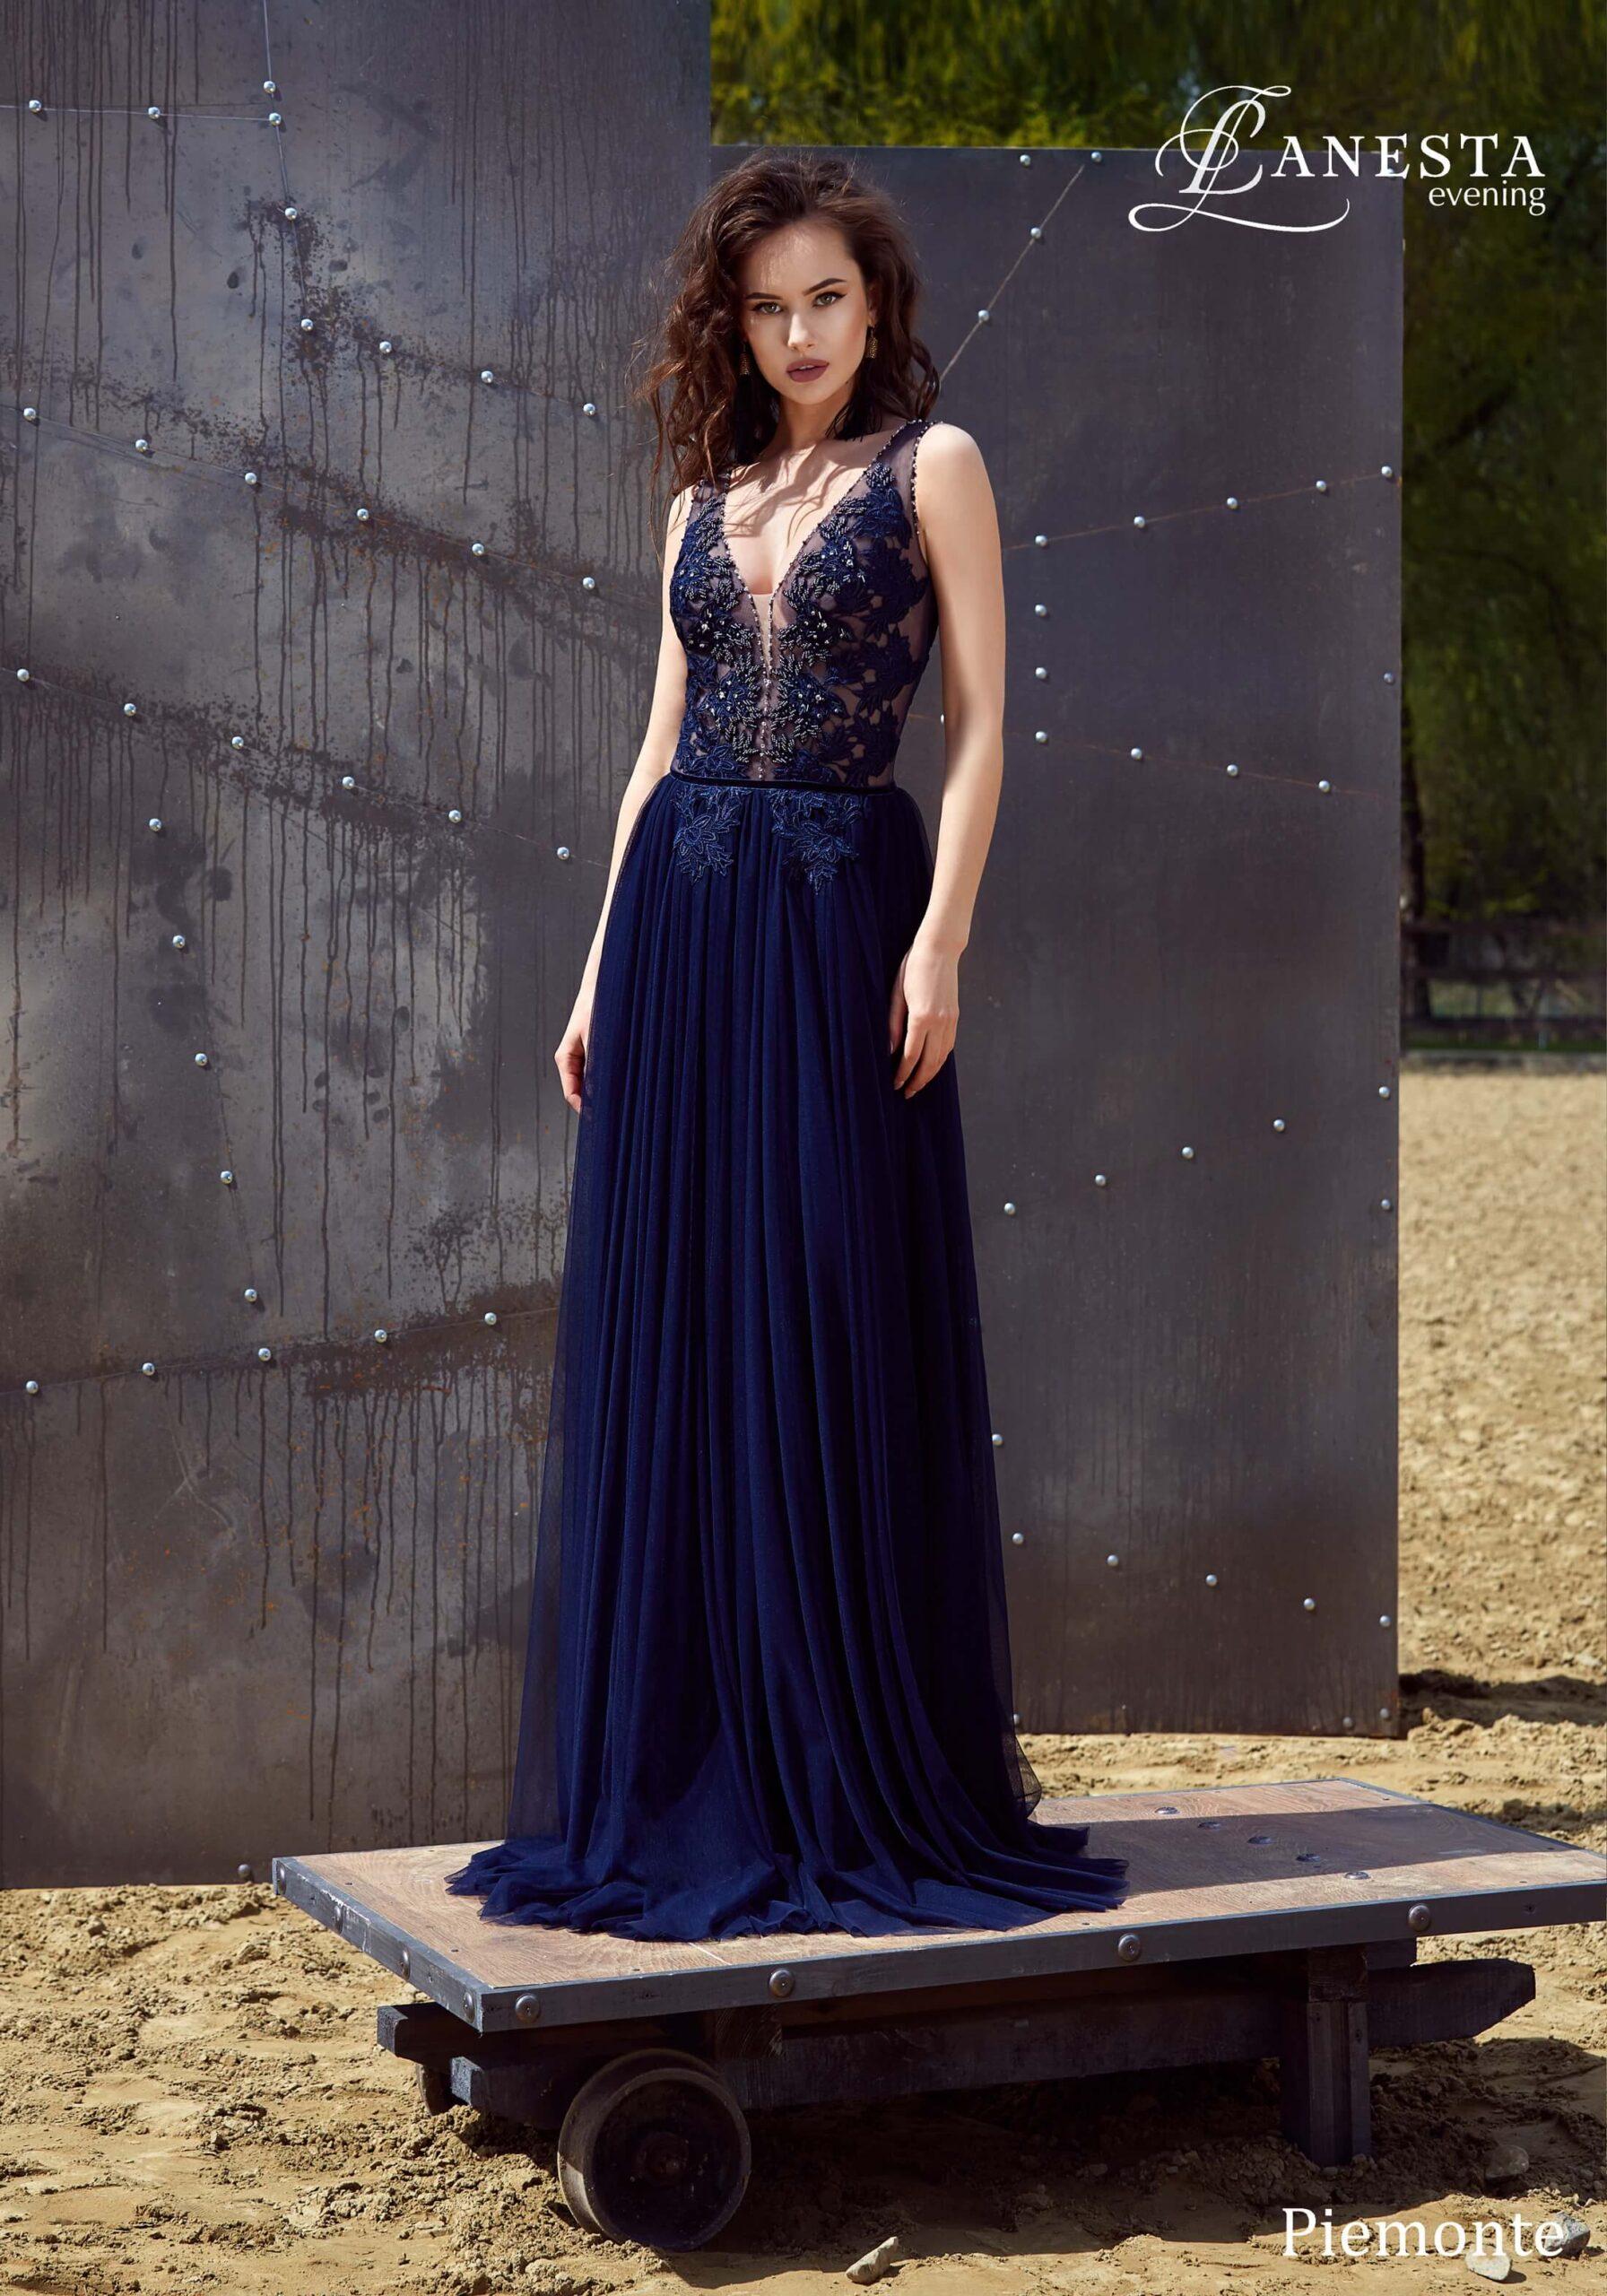 Вечернее платье Piemonte Lanesta